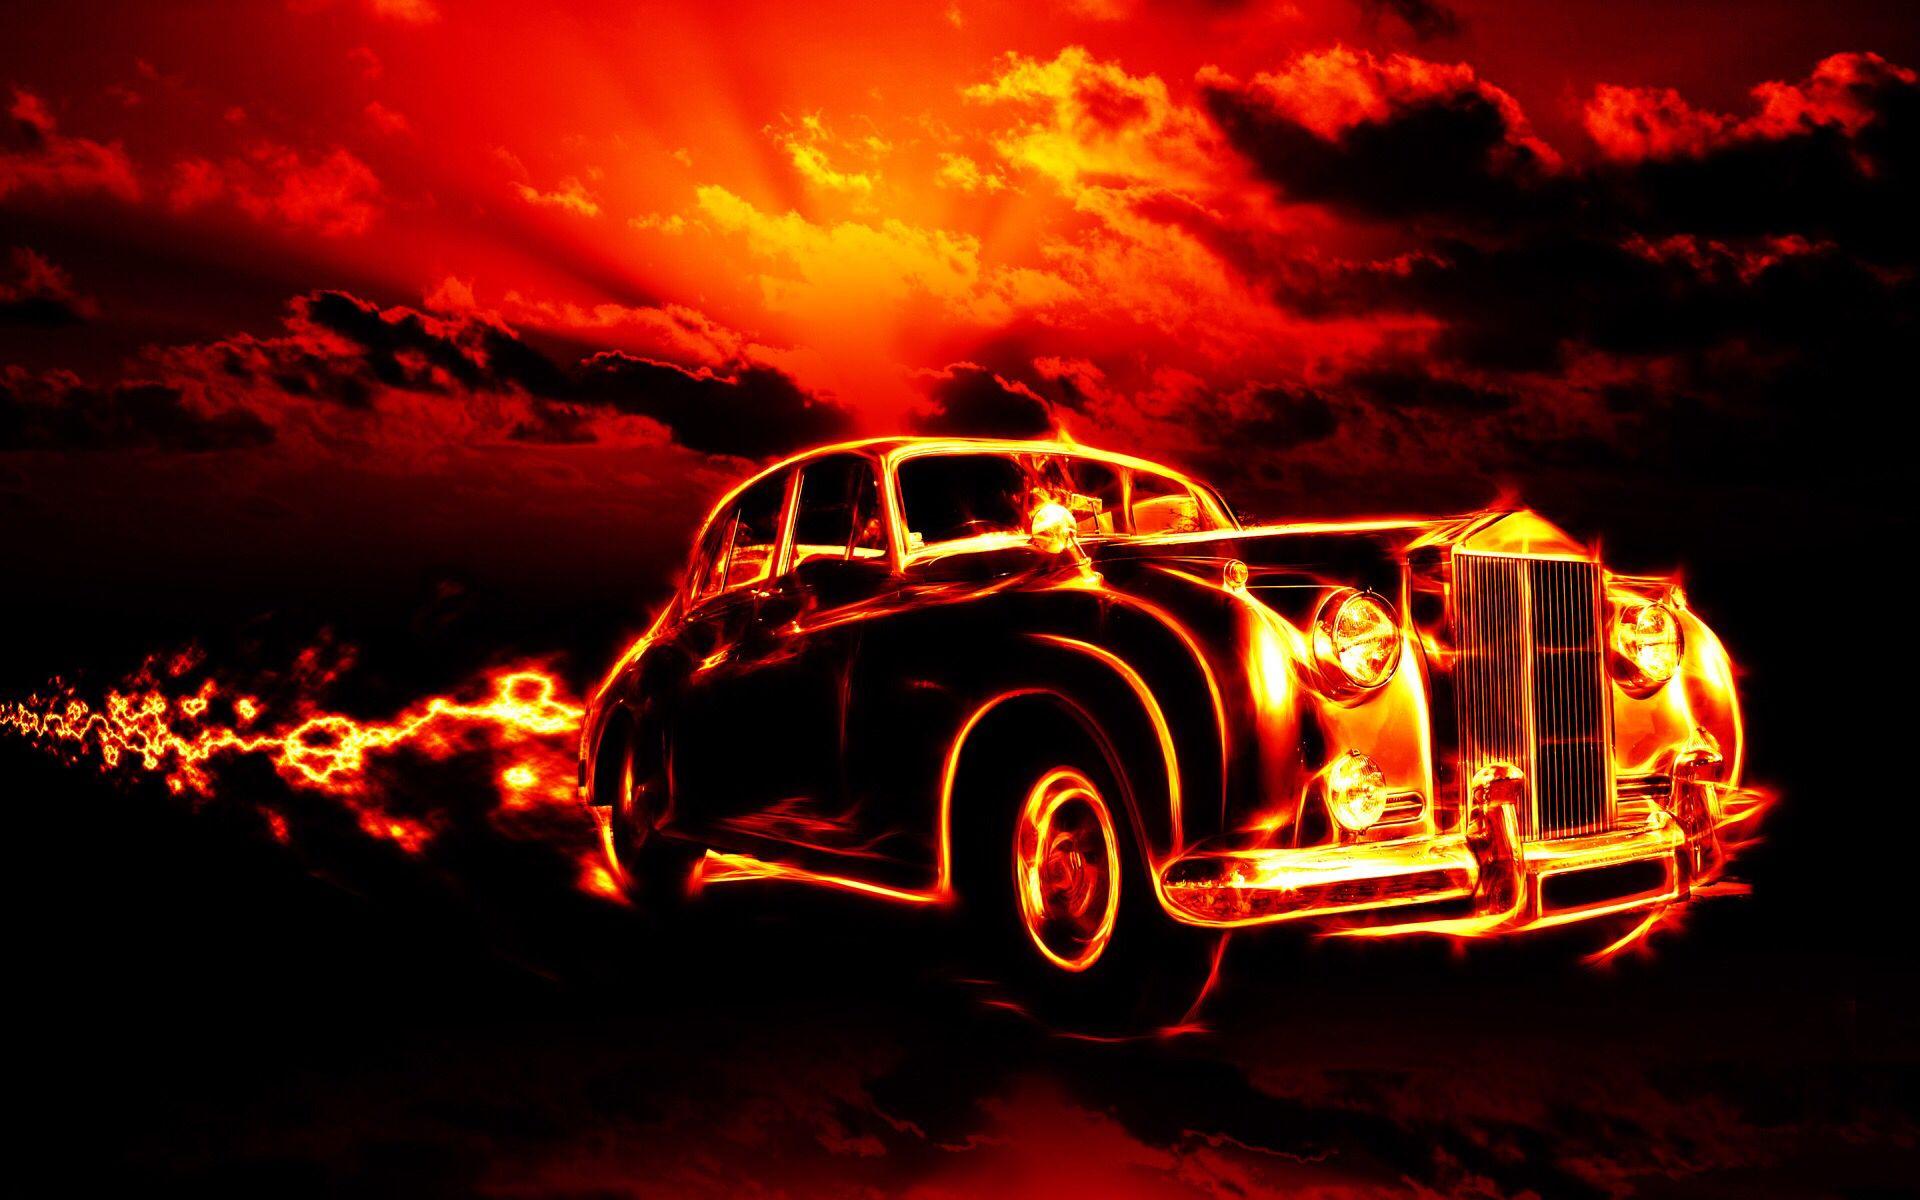 Rolls Royce Fire Art New Car Wallpaper Wallpaper Pictures Computer Wallpaper